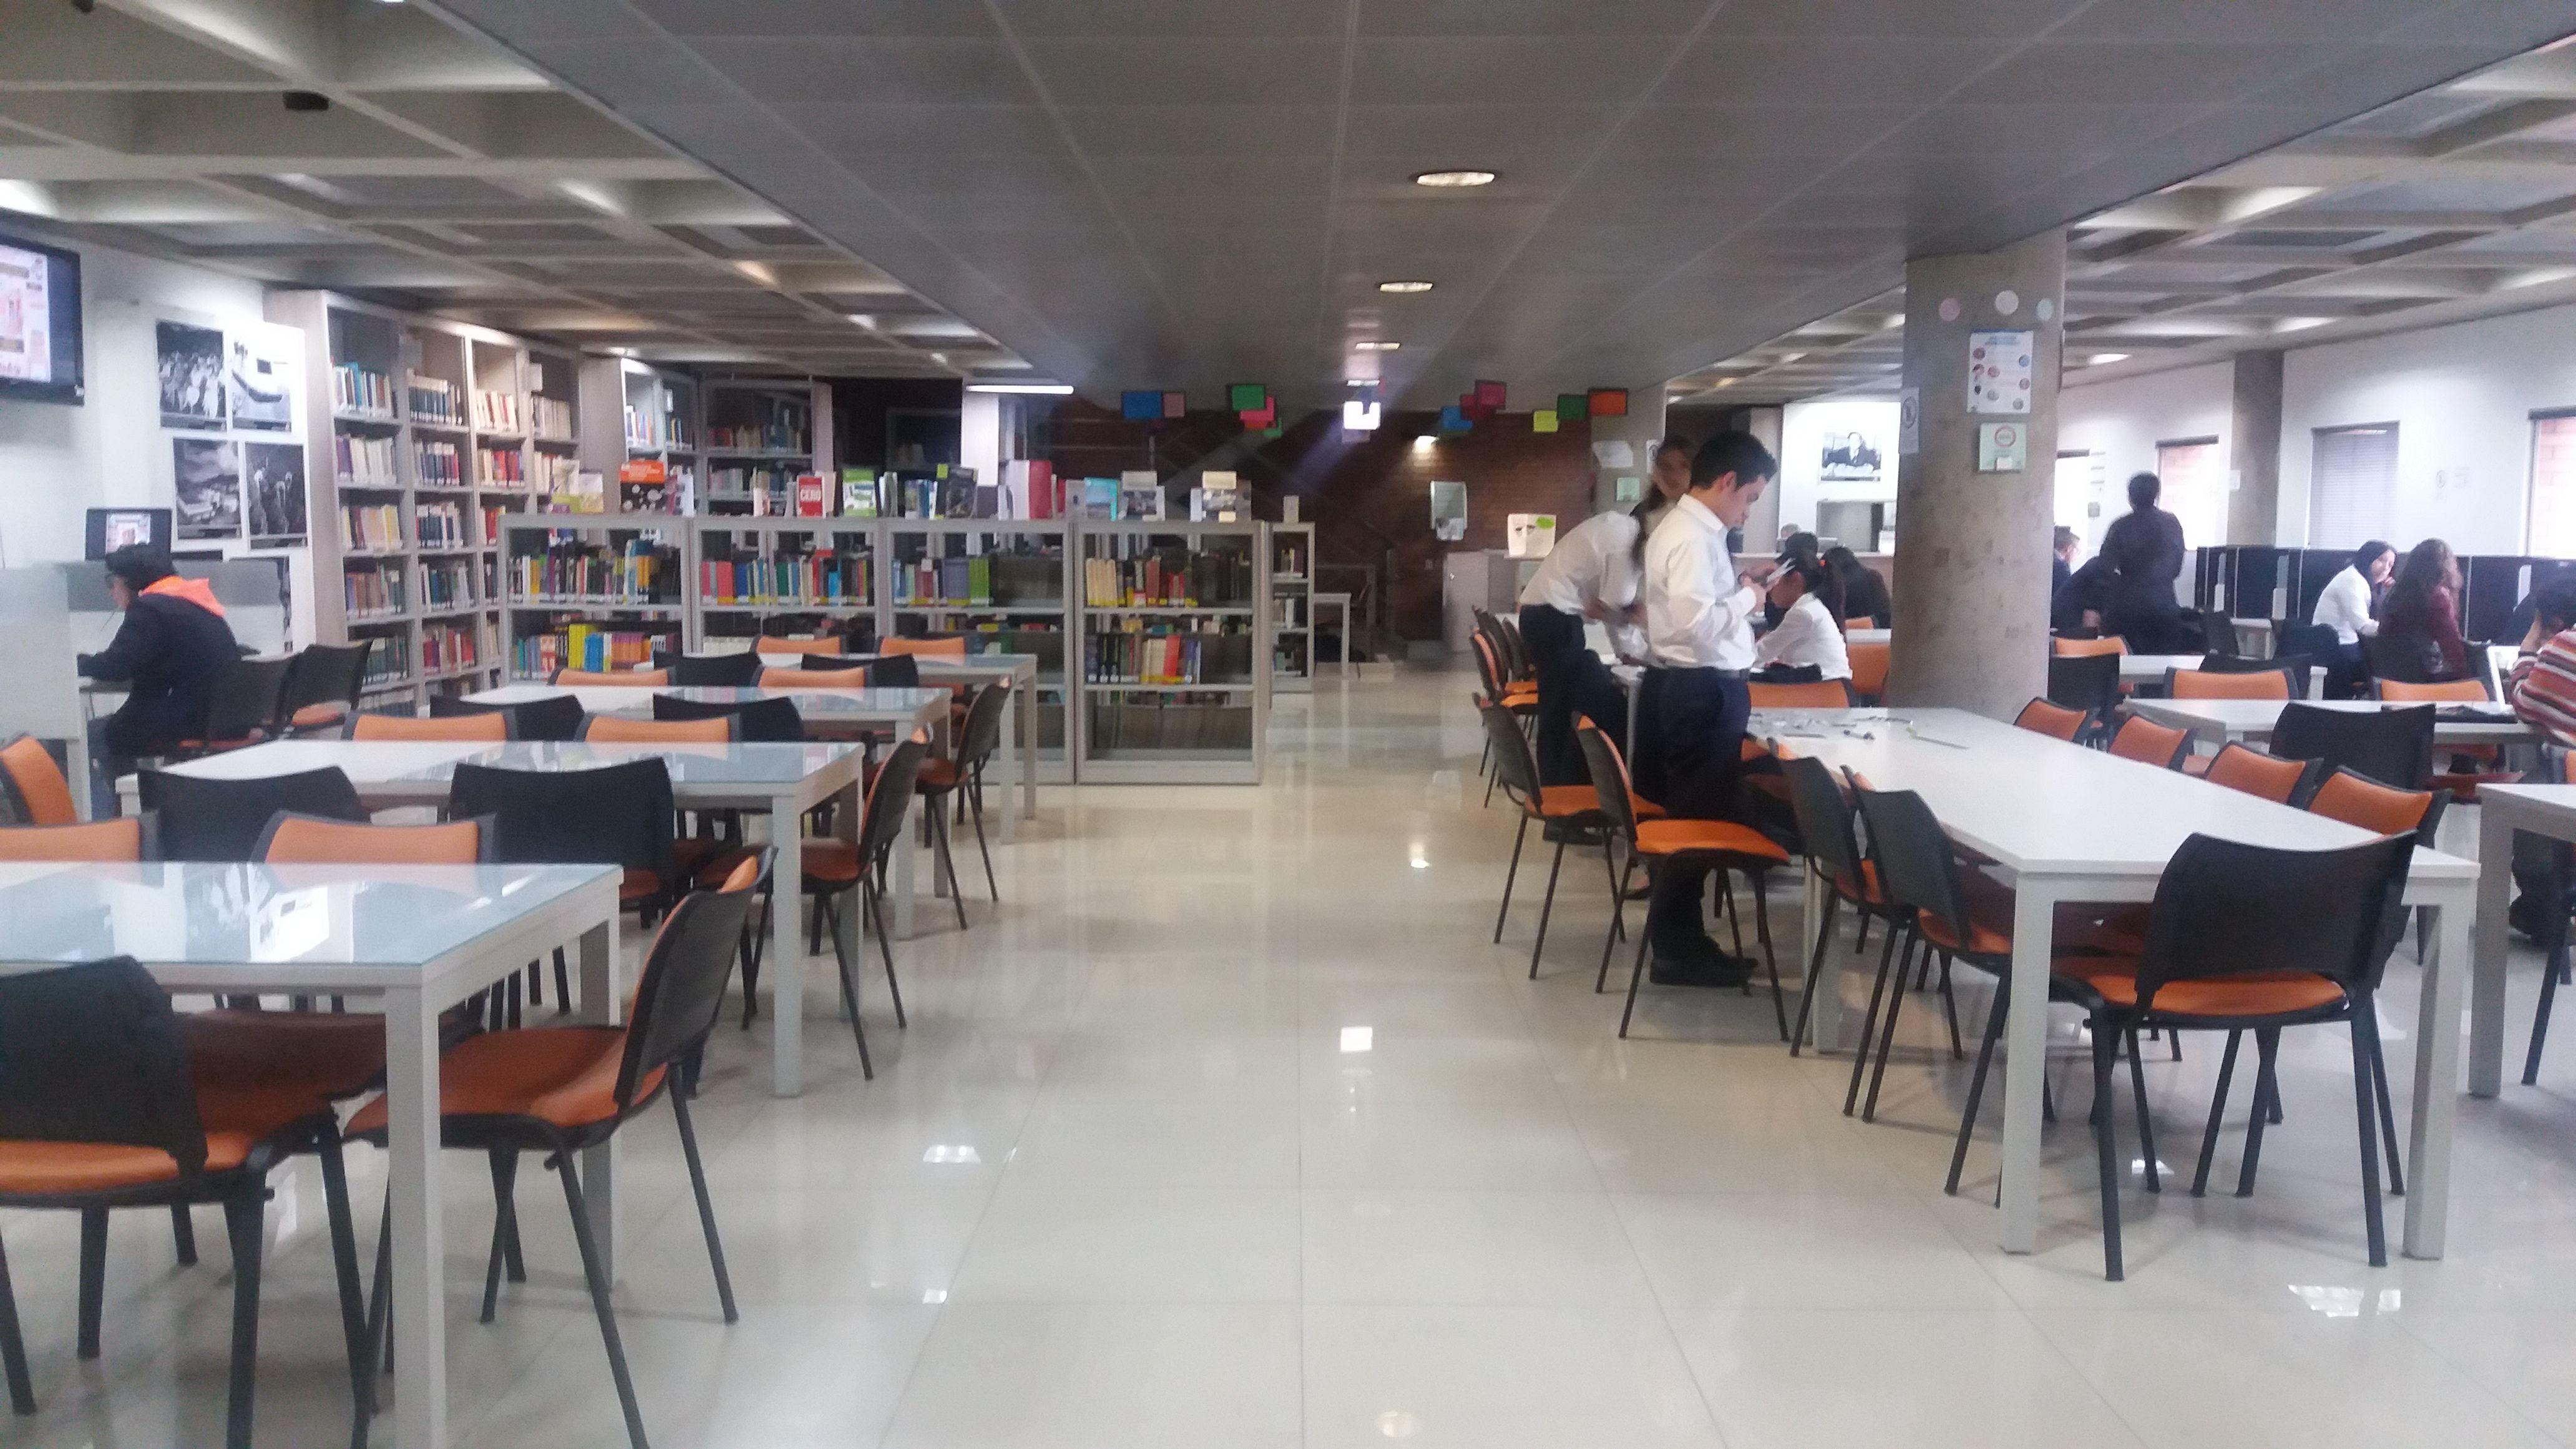 Primer Piso Biblioteca